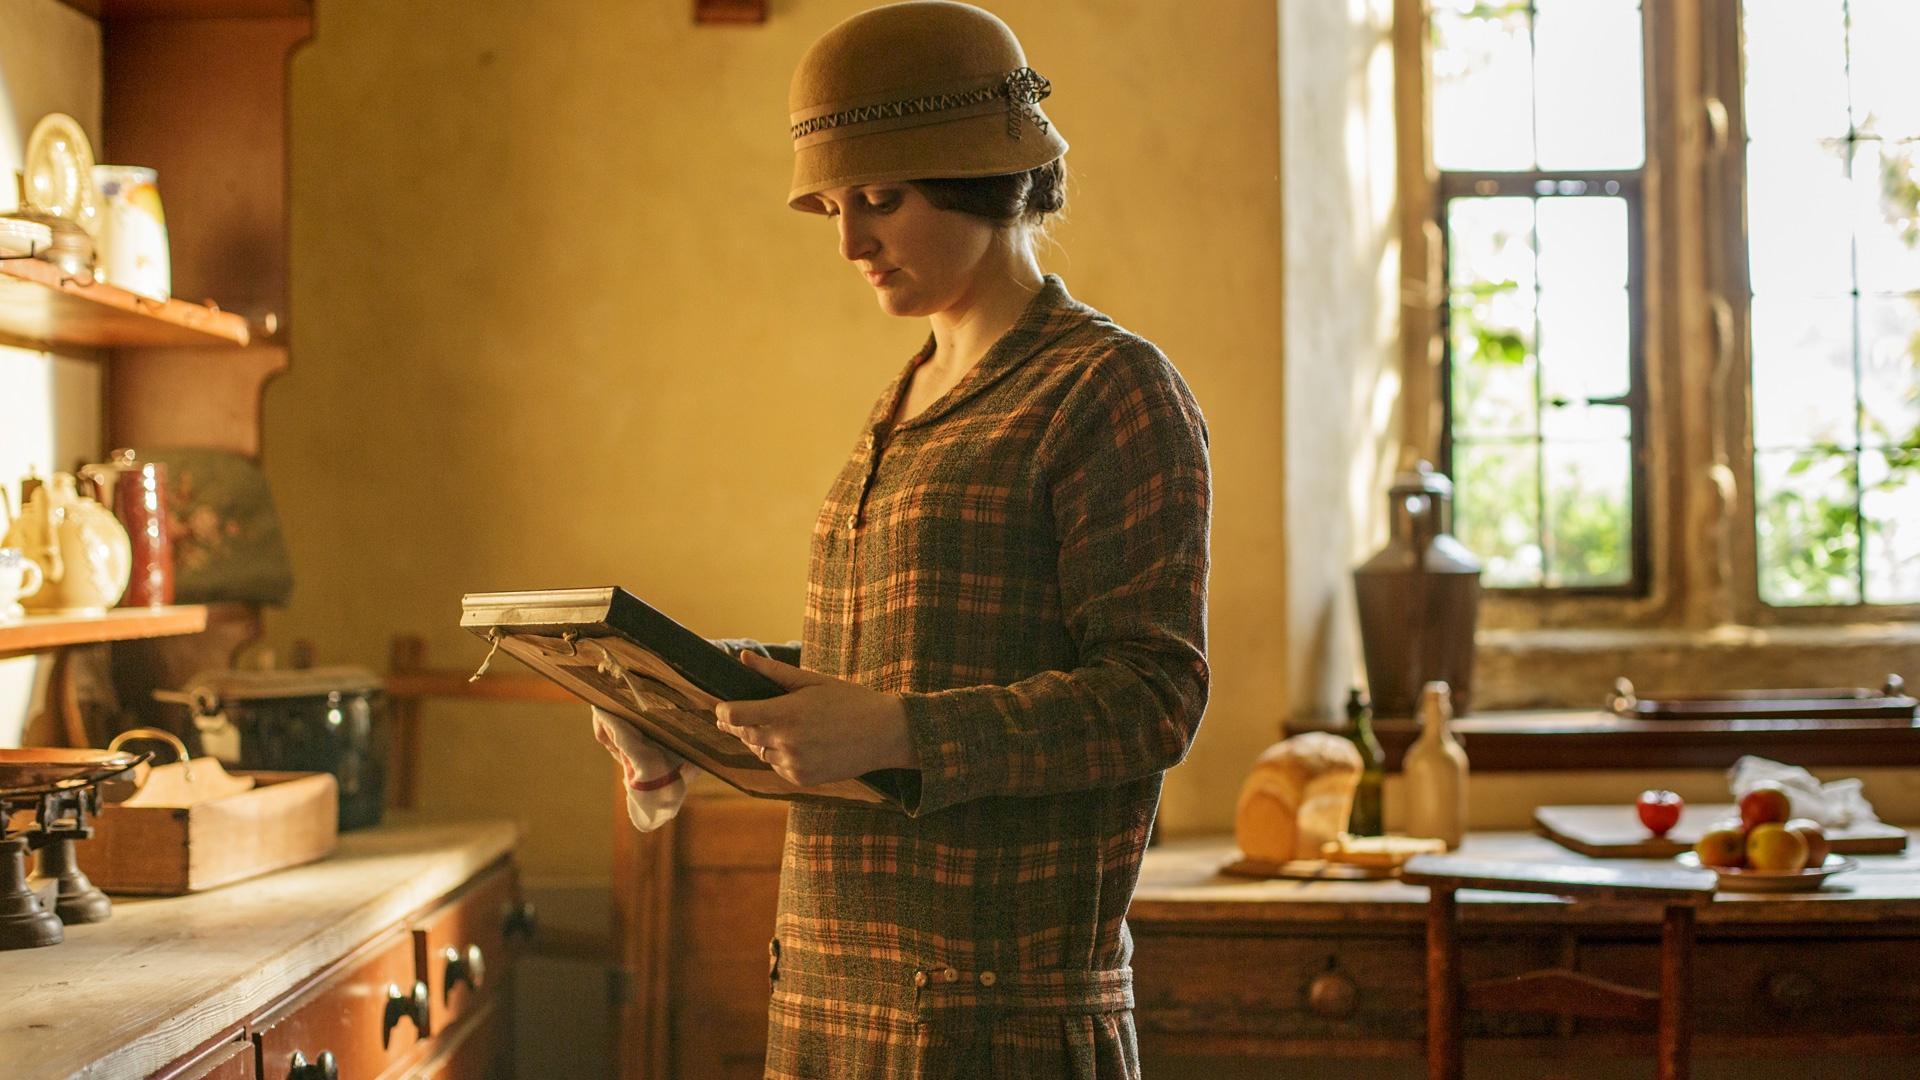 Downton Abbey - Season 6: Episode 6